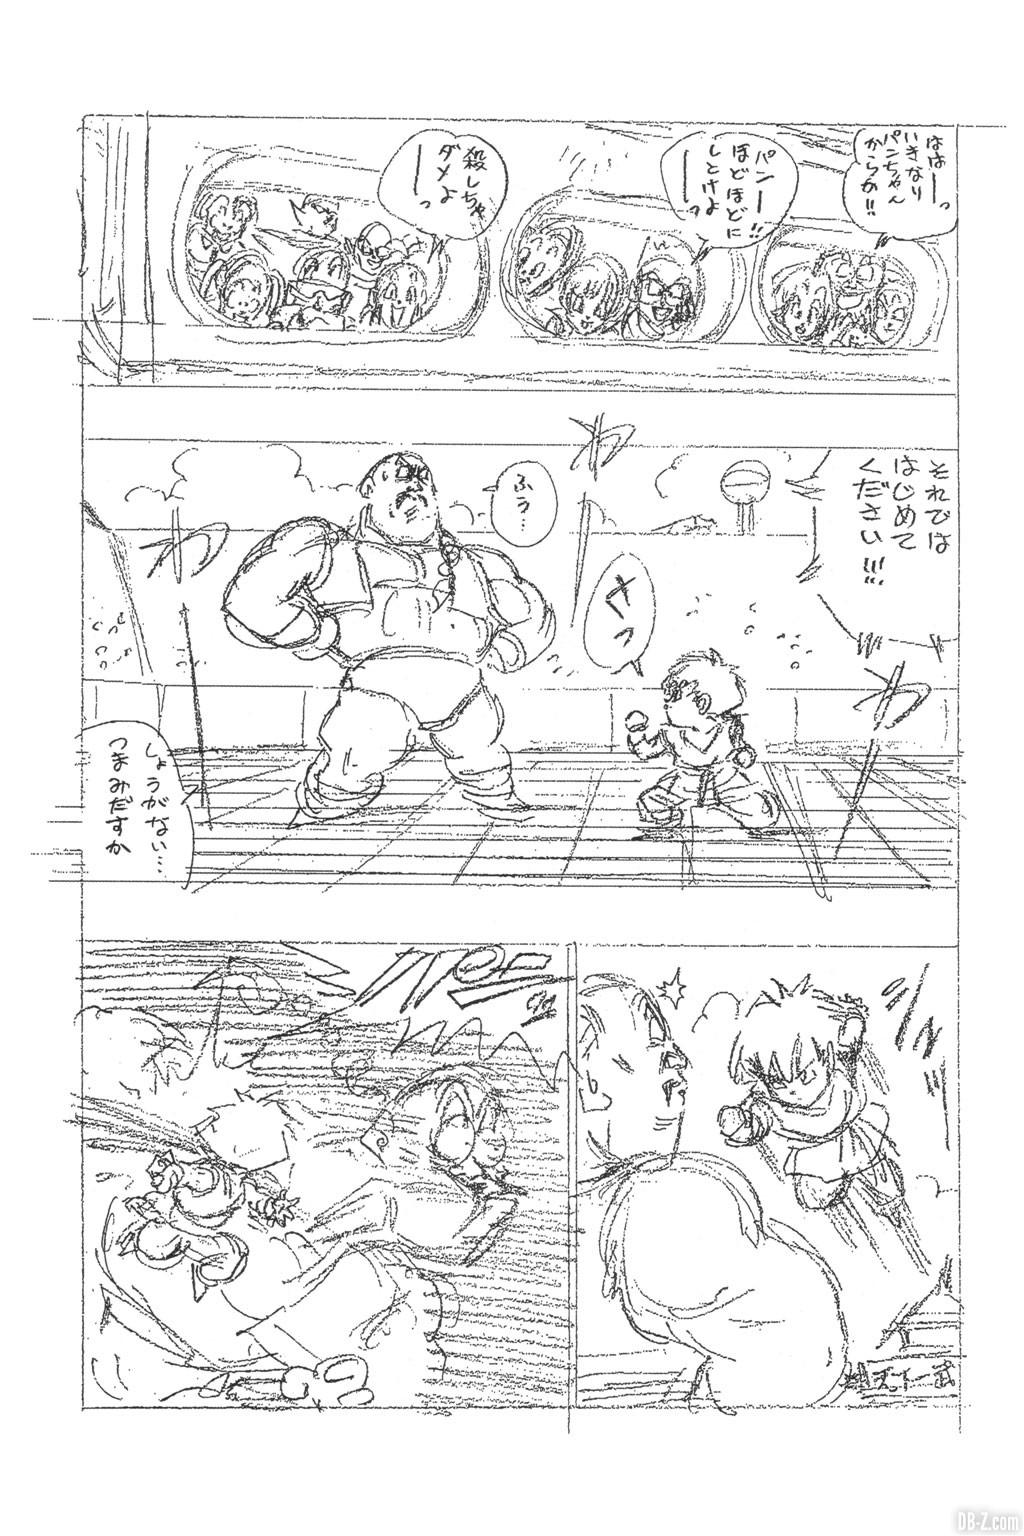 Brouillon Akira Toriyama Dernier Chapitre de Dragon Ball Page 6